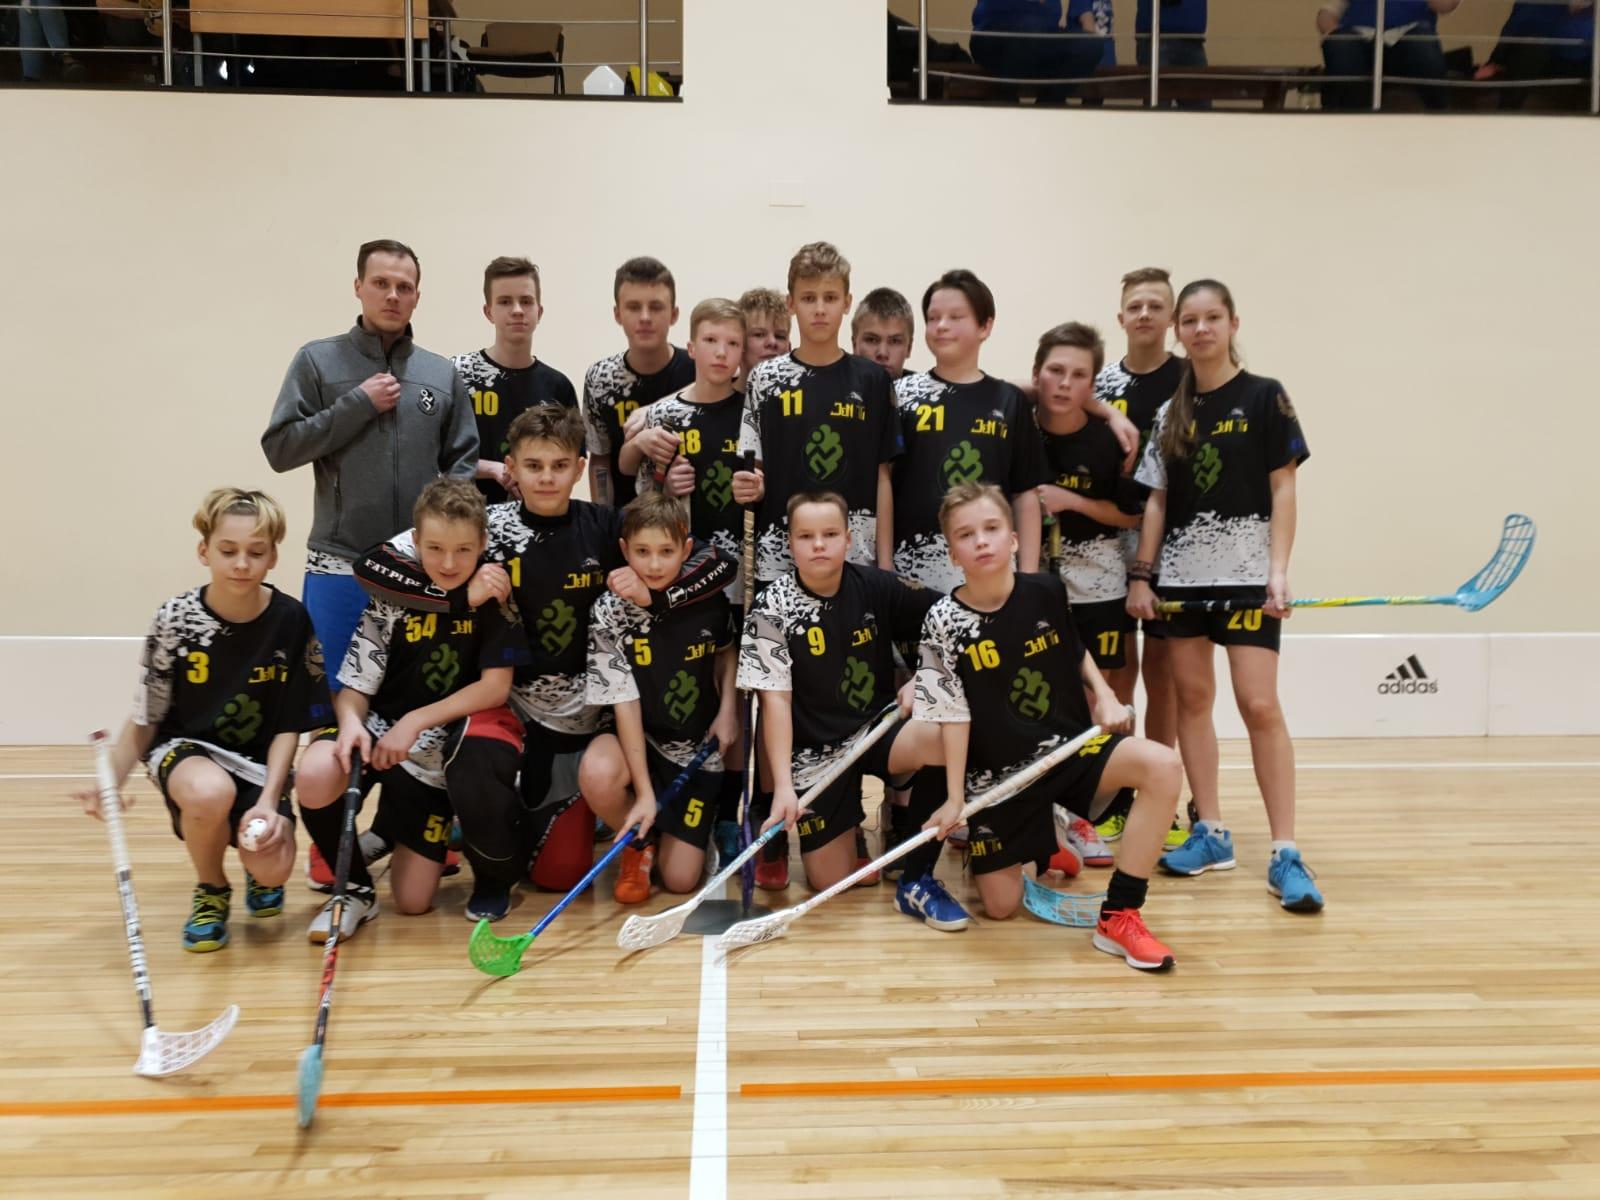 Turpinās Latvijas 26. čempionāts florbolā U13 grupai